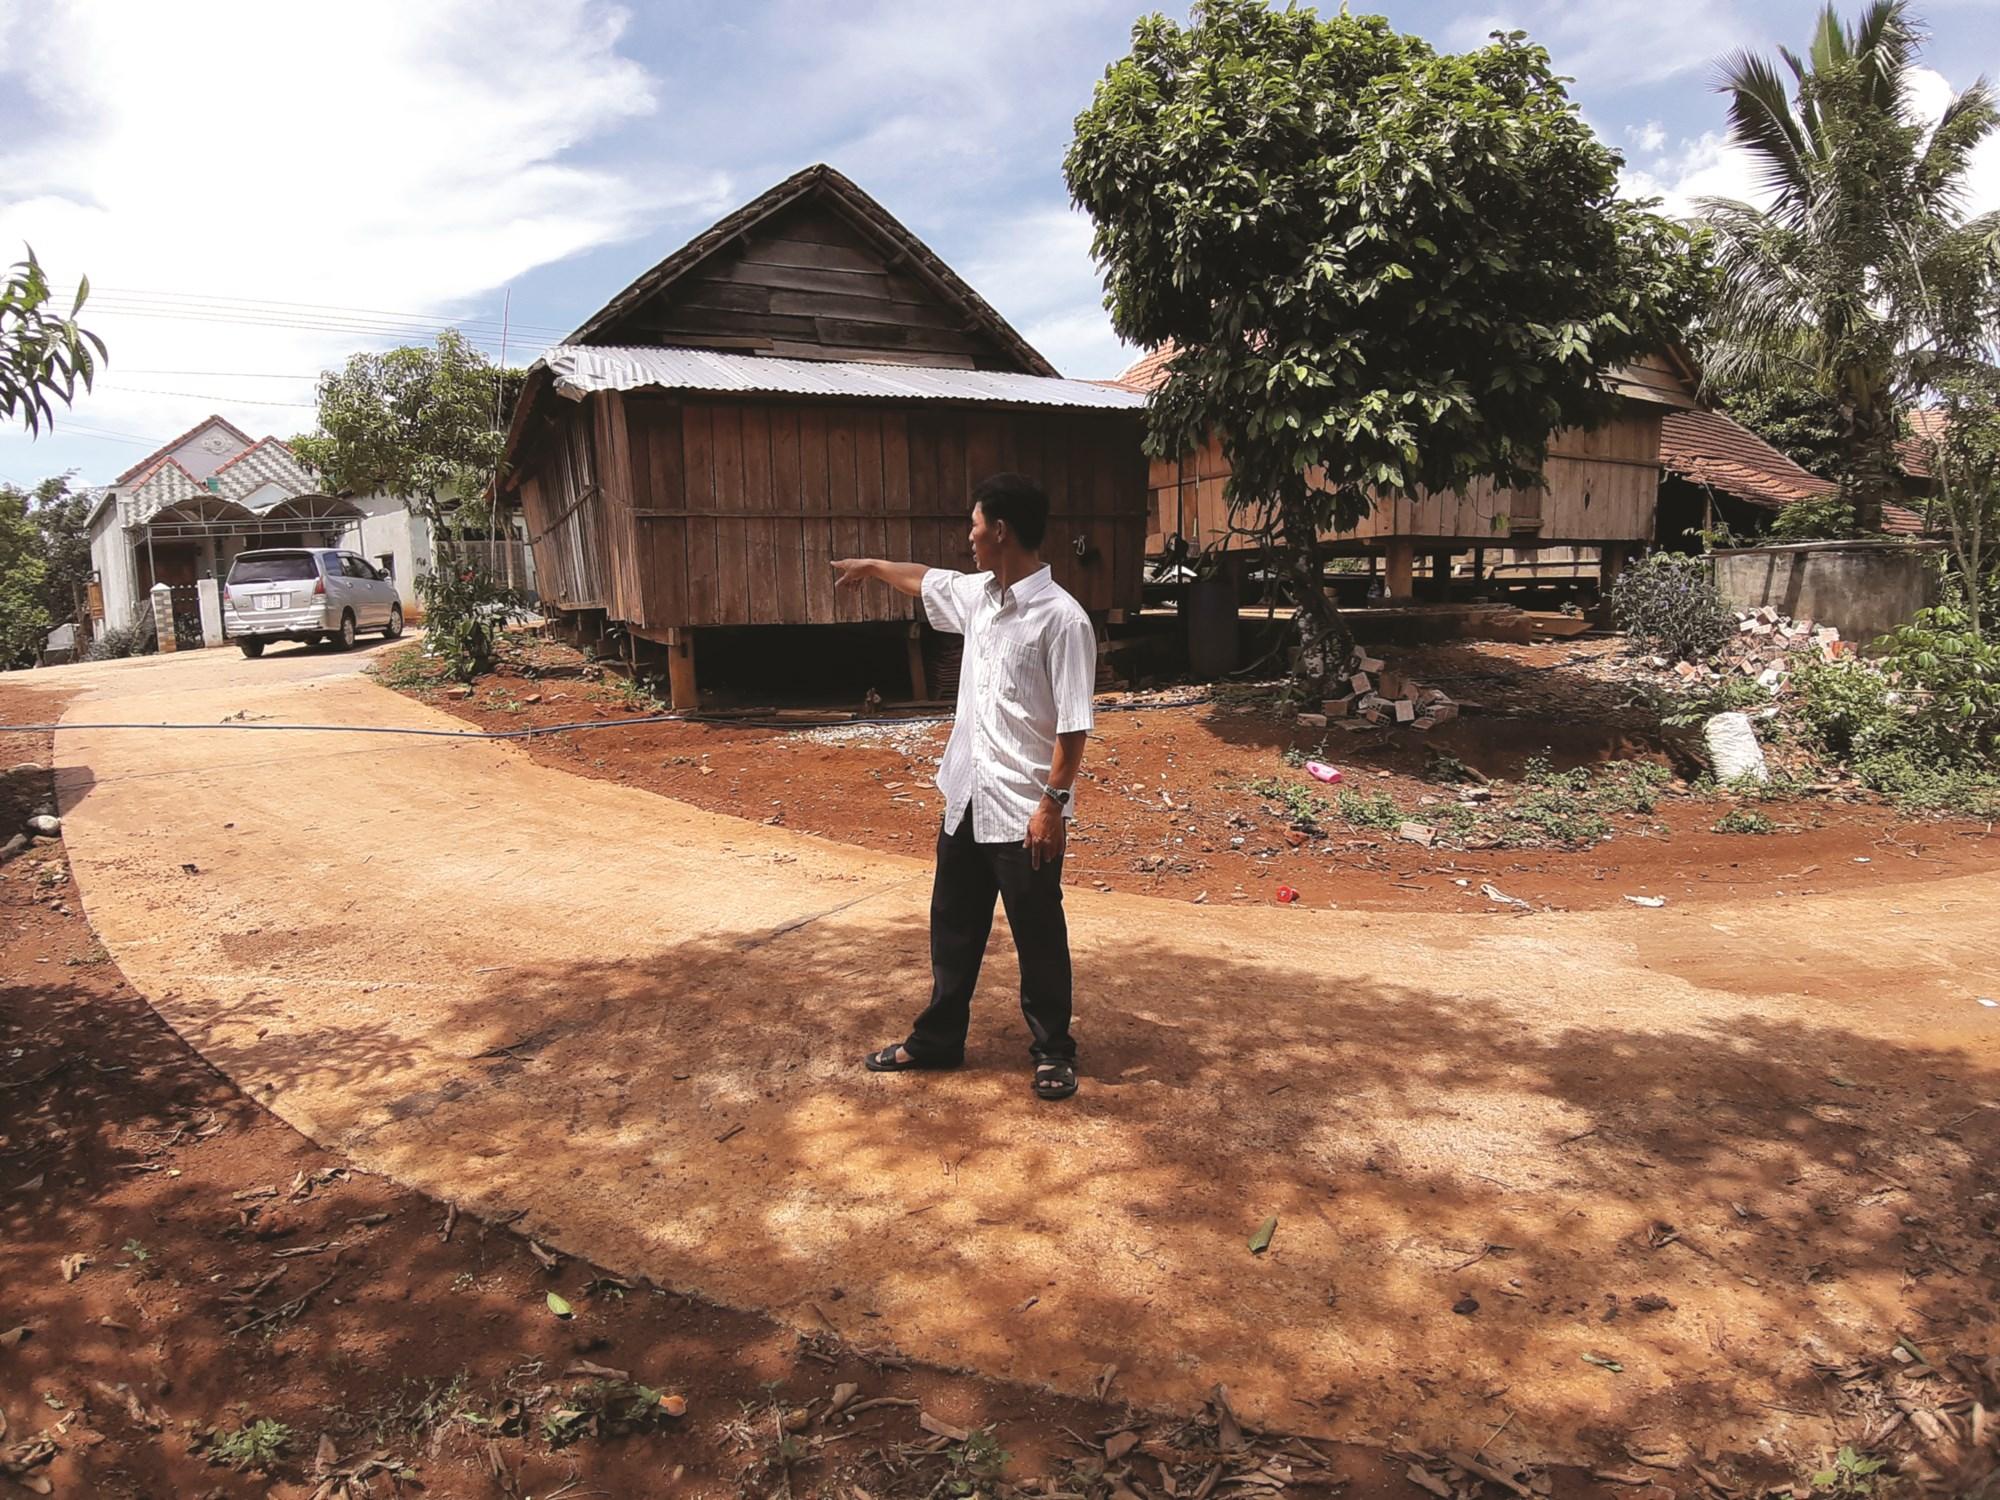 Dự án Nâng cấp đường vào khu sản xuất các thôn ở xã Vĩnh Sơn đã hoàn thành giai đoạn 1 nhưng huyện chưa loại trừ khối lượng xi măng do tỉnh cấp.